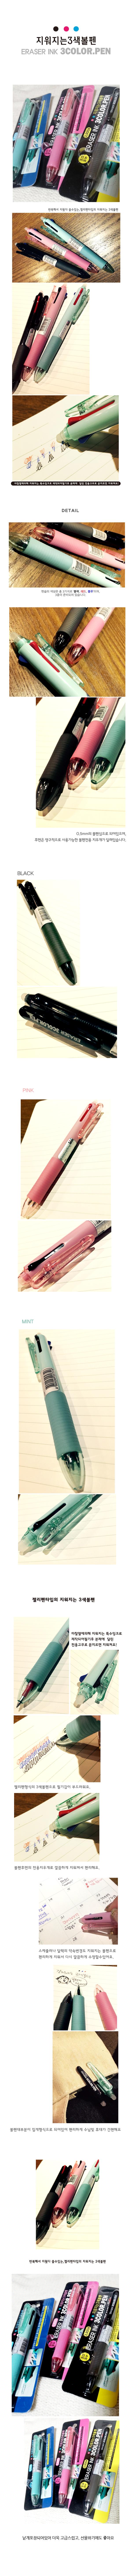 지워지는 3색볼펜 - 유노디자인, 3,500원, 데코펜, 지워지는 펜